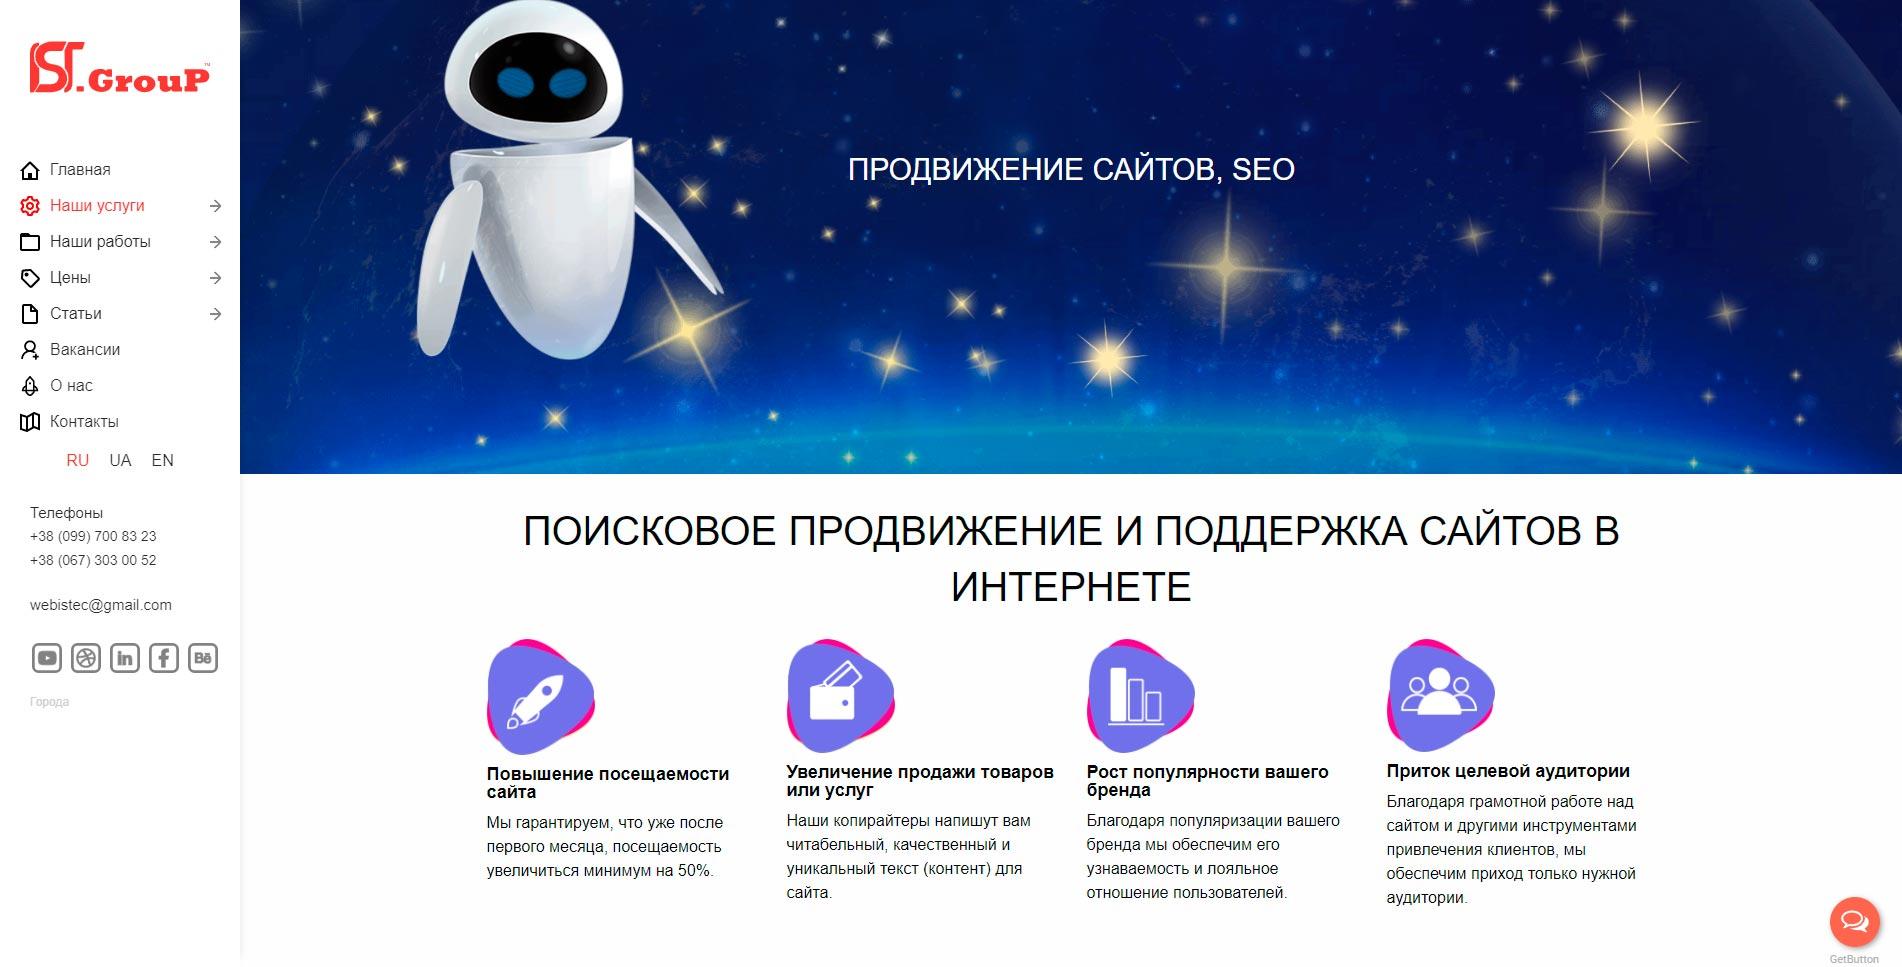 IST - обзор компании, услуги, отзывы, клиенты   Google SEO, Фото № 2 - google-seo.pro